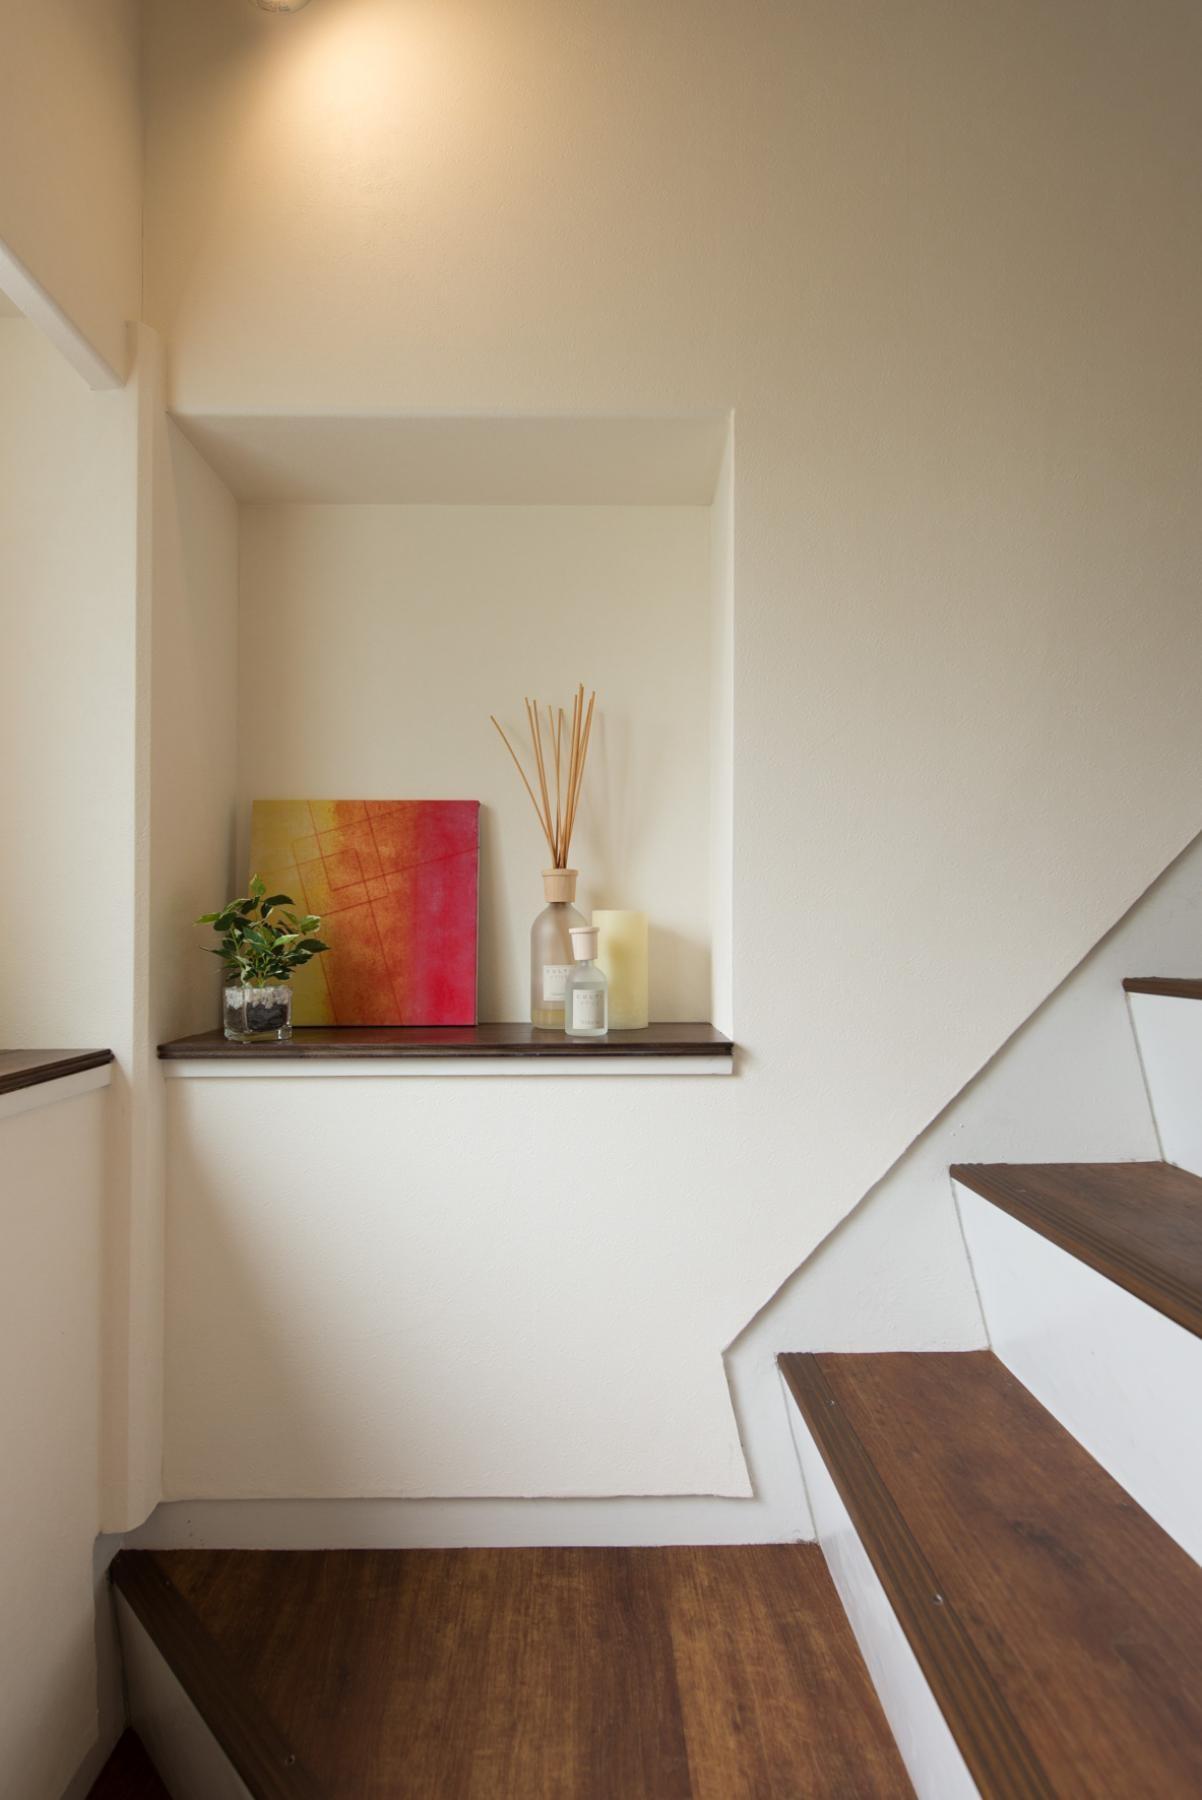 その他事例:階段(ホテルのようなスタイリッシュな内外装に全面リフォーム)